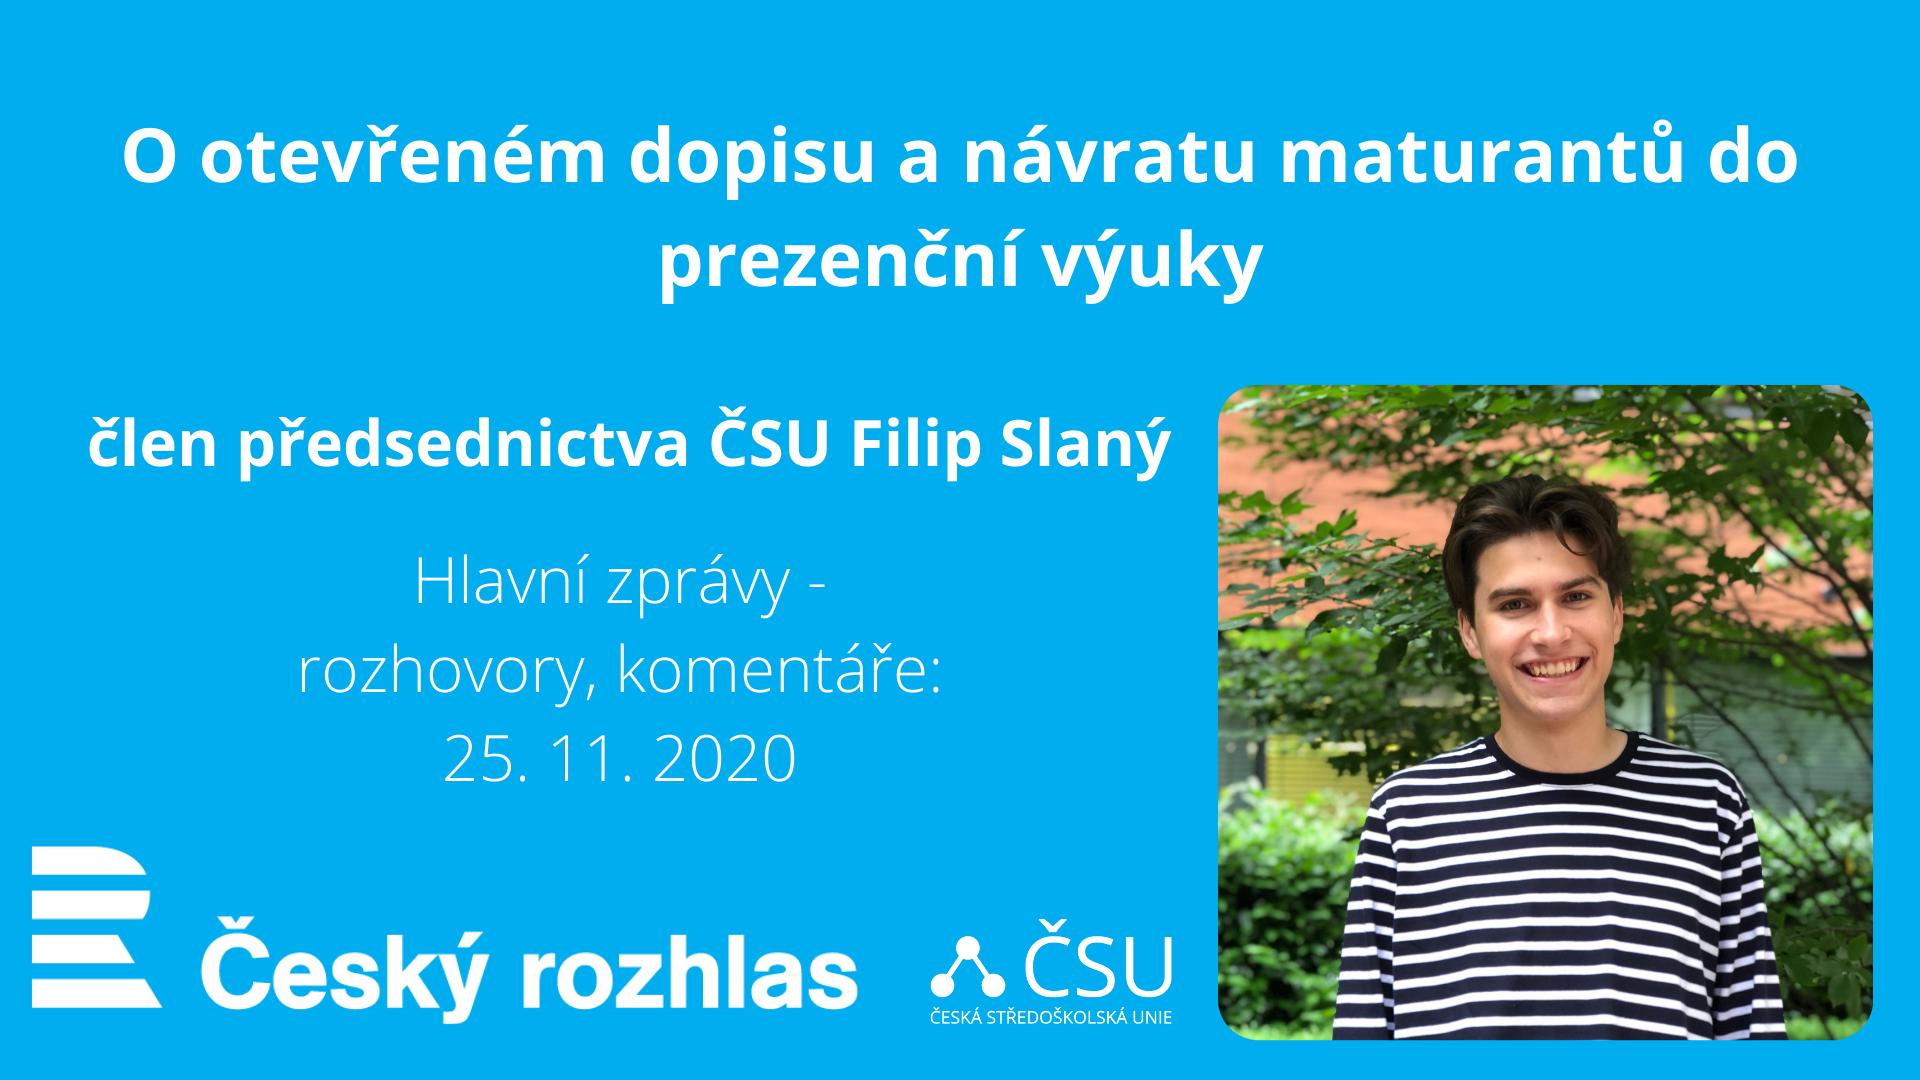 Člen předsednictva ČSU Filip Slaný na ČR+ o otevřeném dopisu a návratu maturantů do škol!